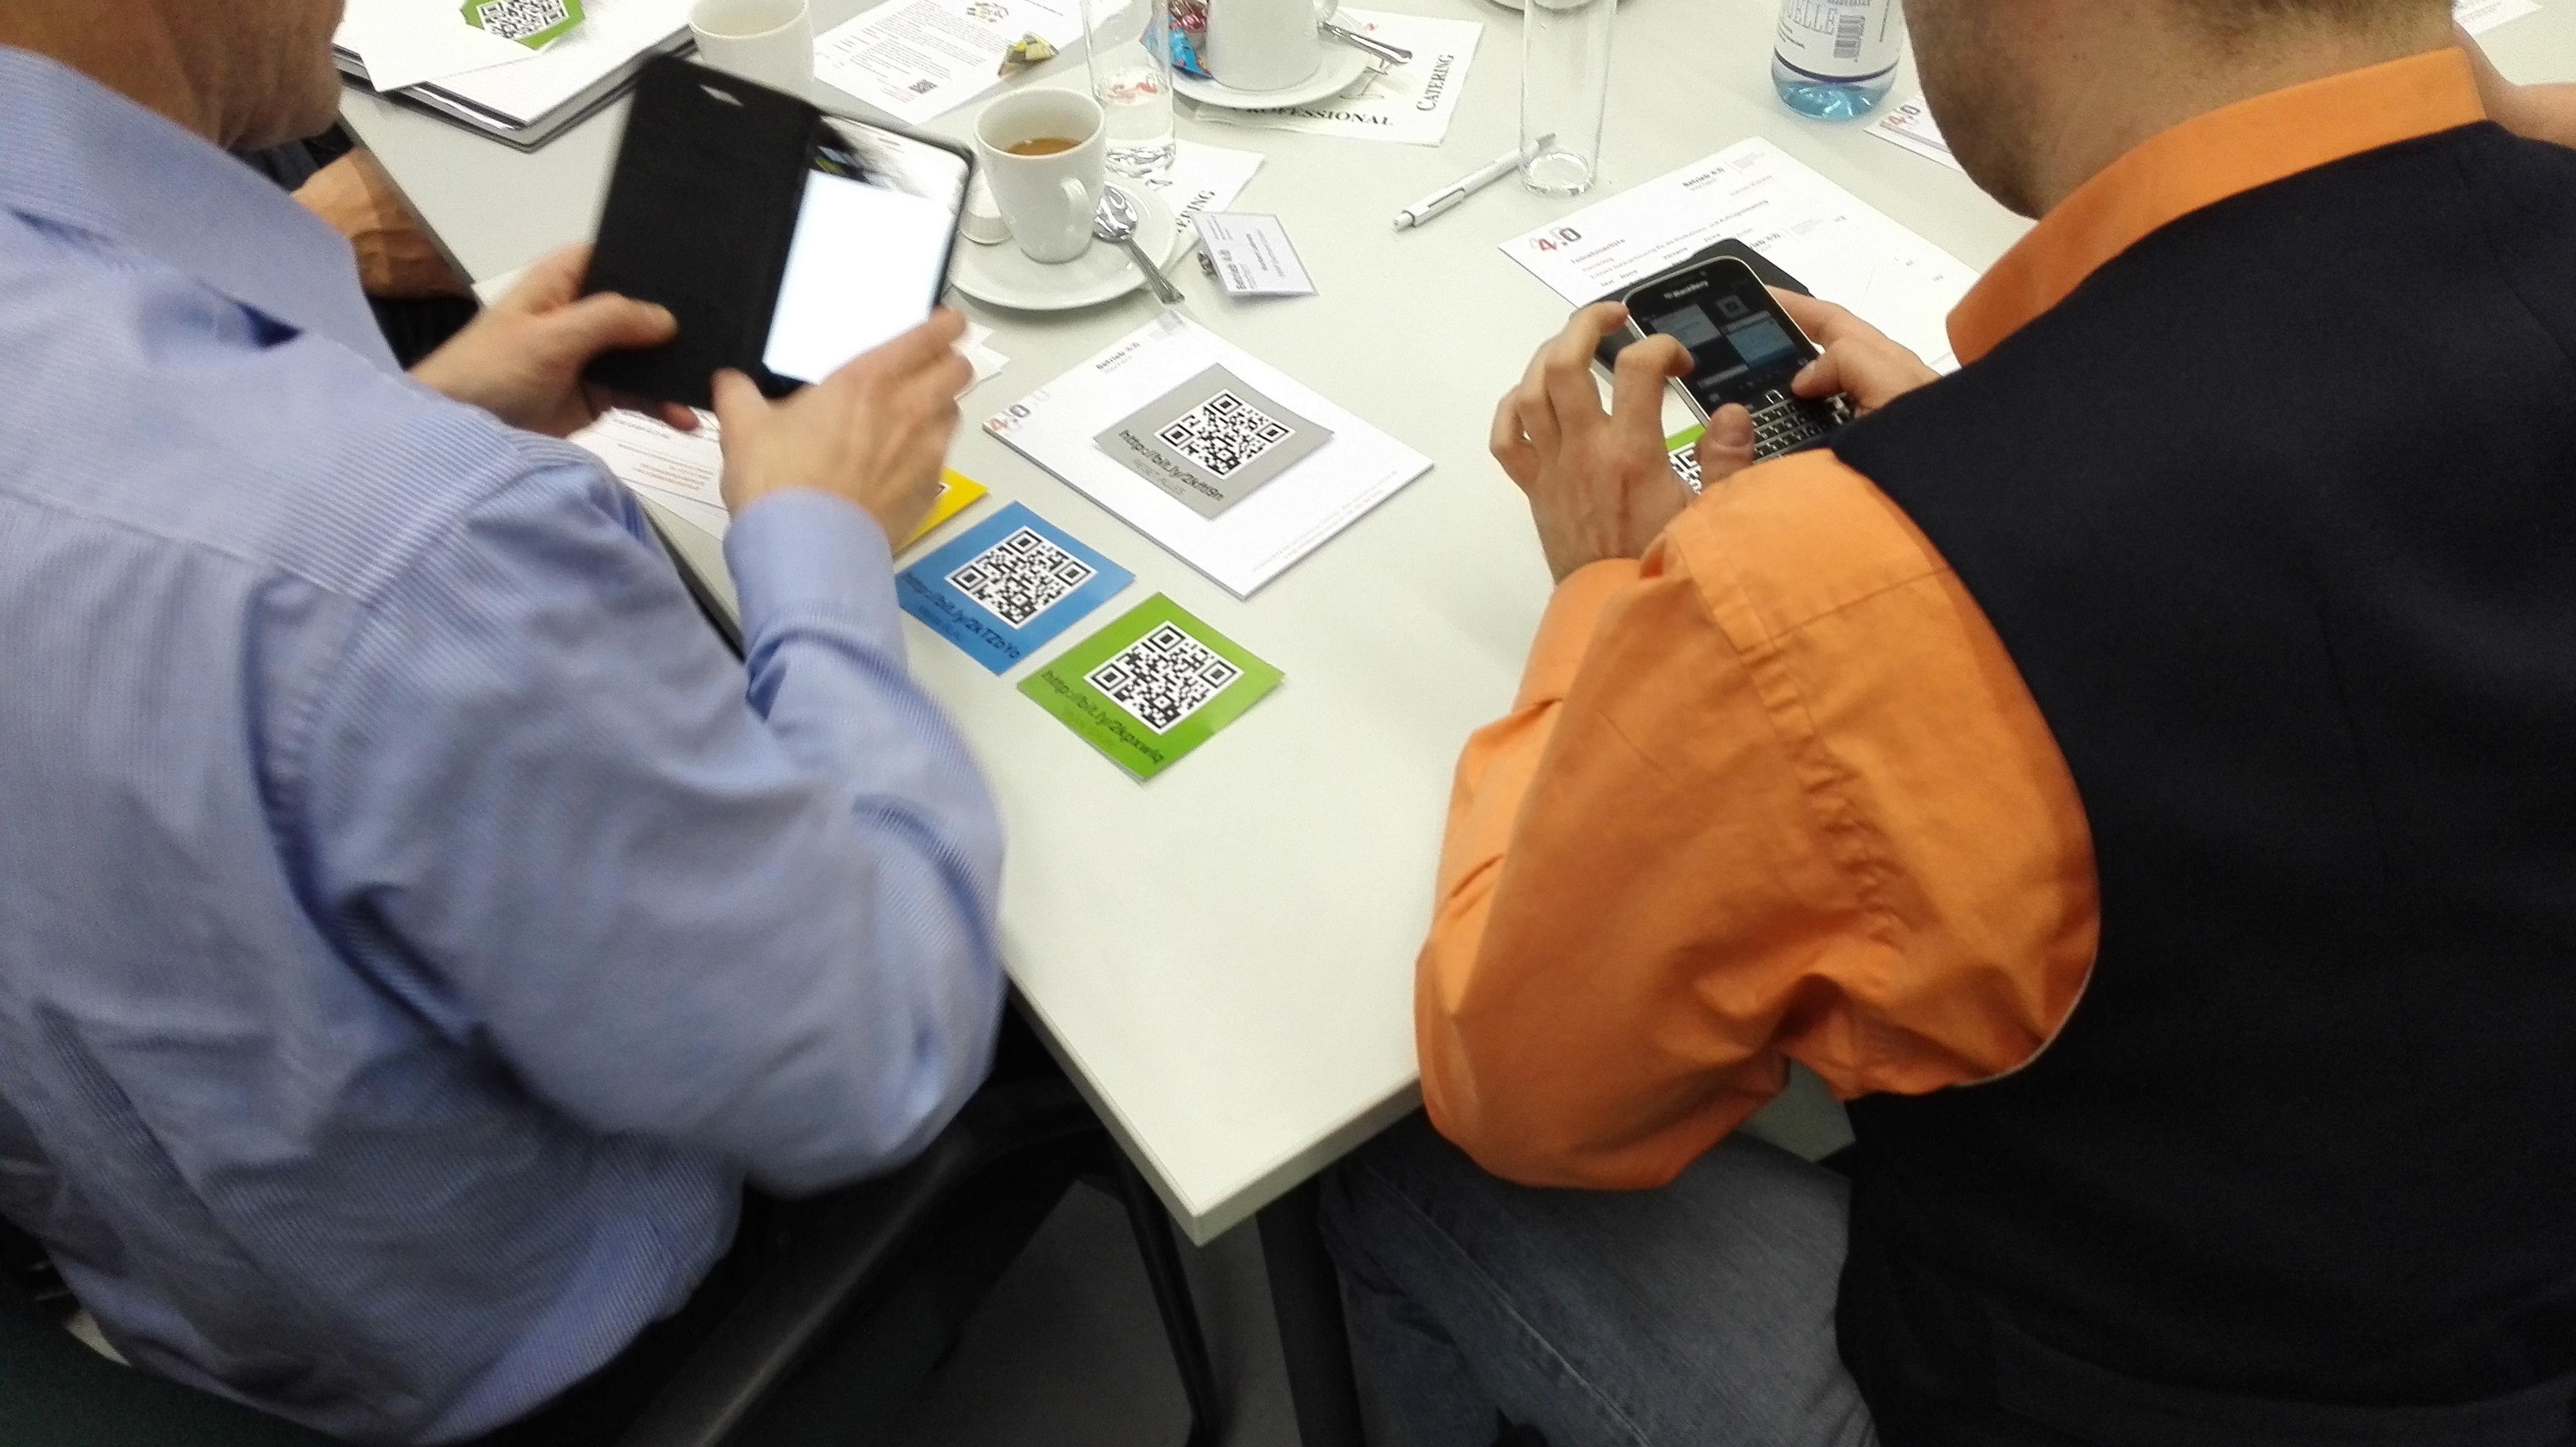 Die Teilnehmer des Thementages testen selbst einige Ident-Technologien. || © TUCed GmbH